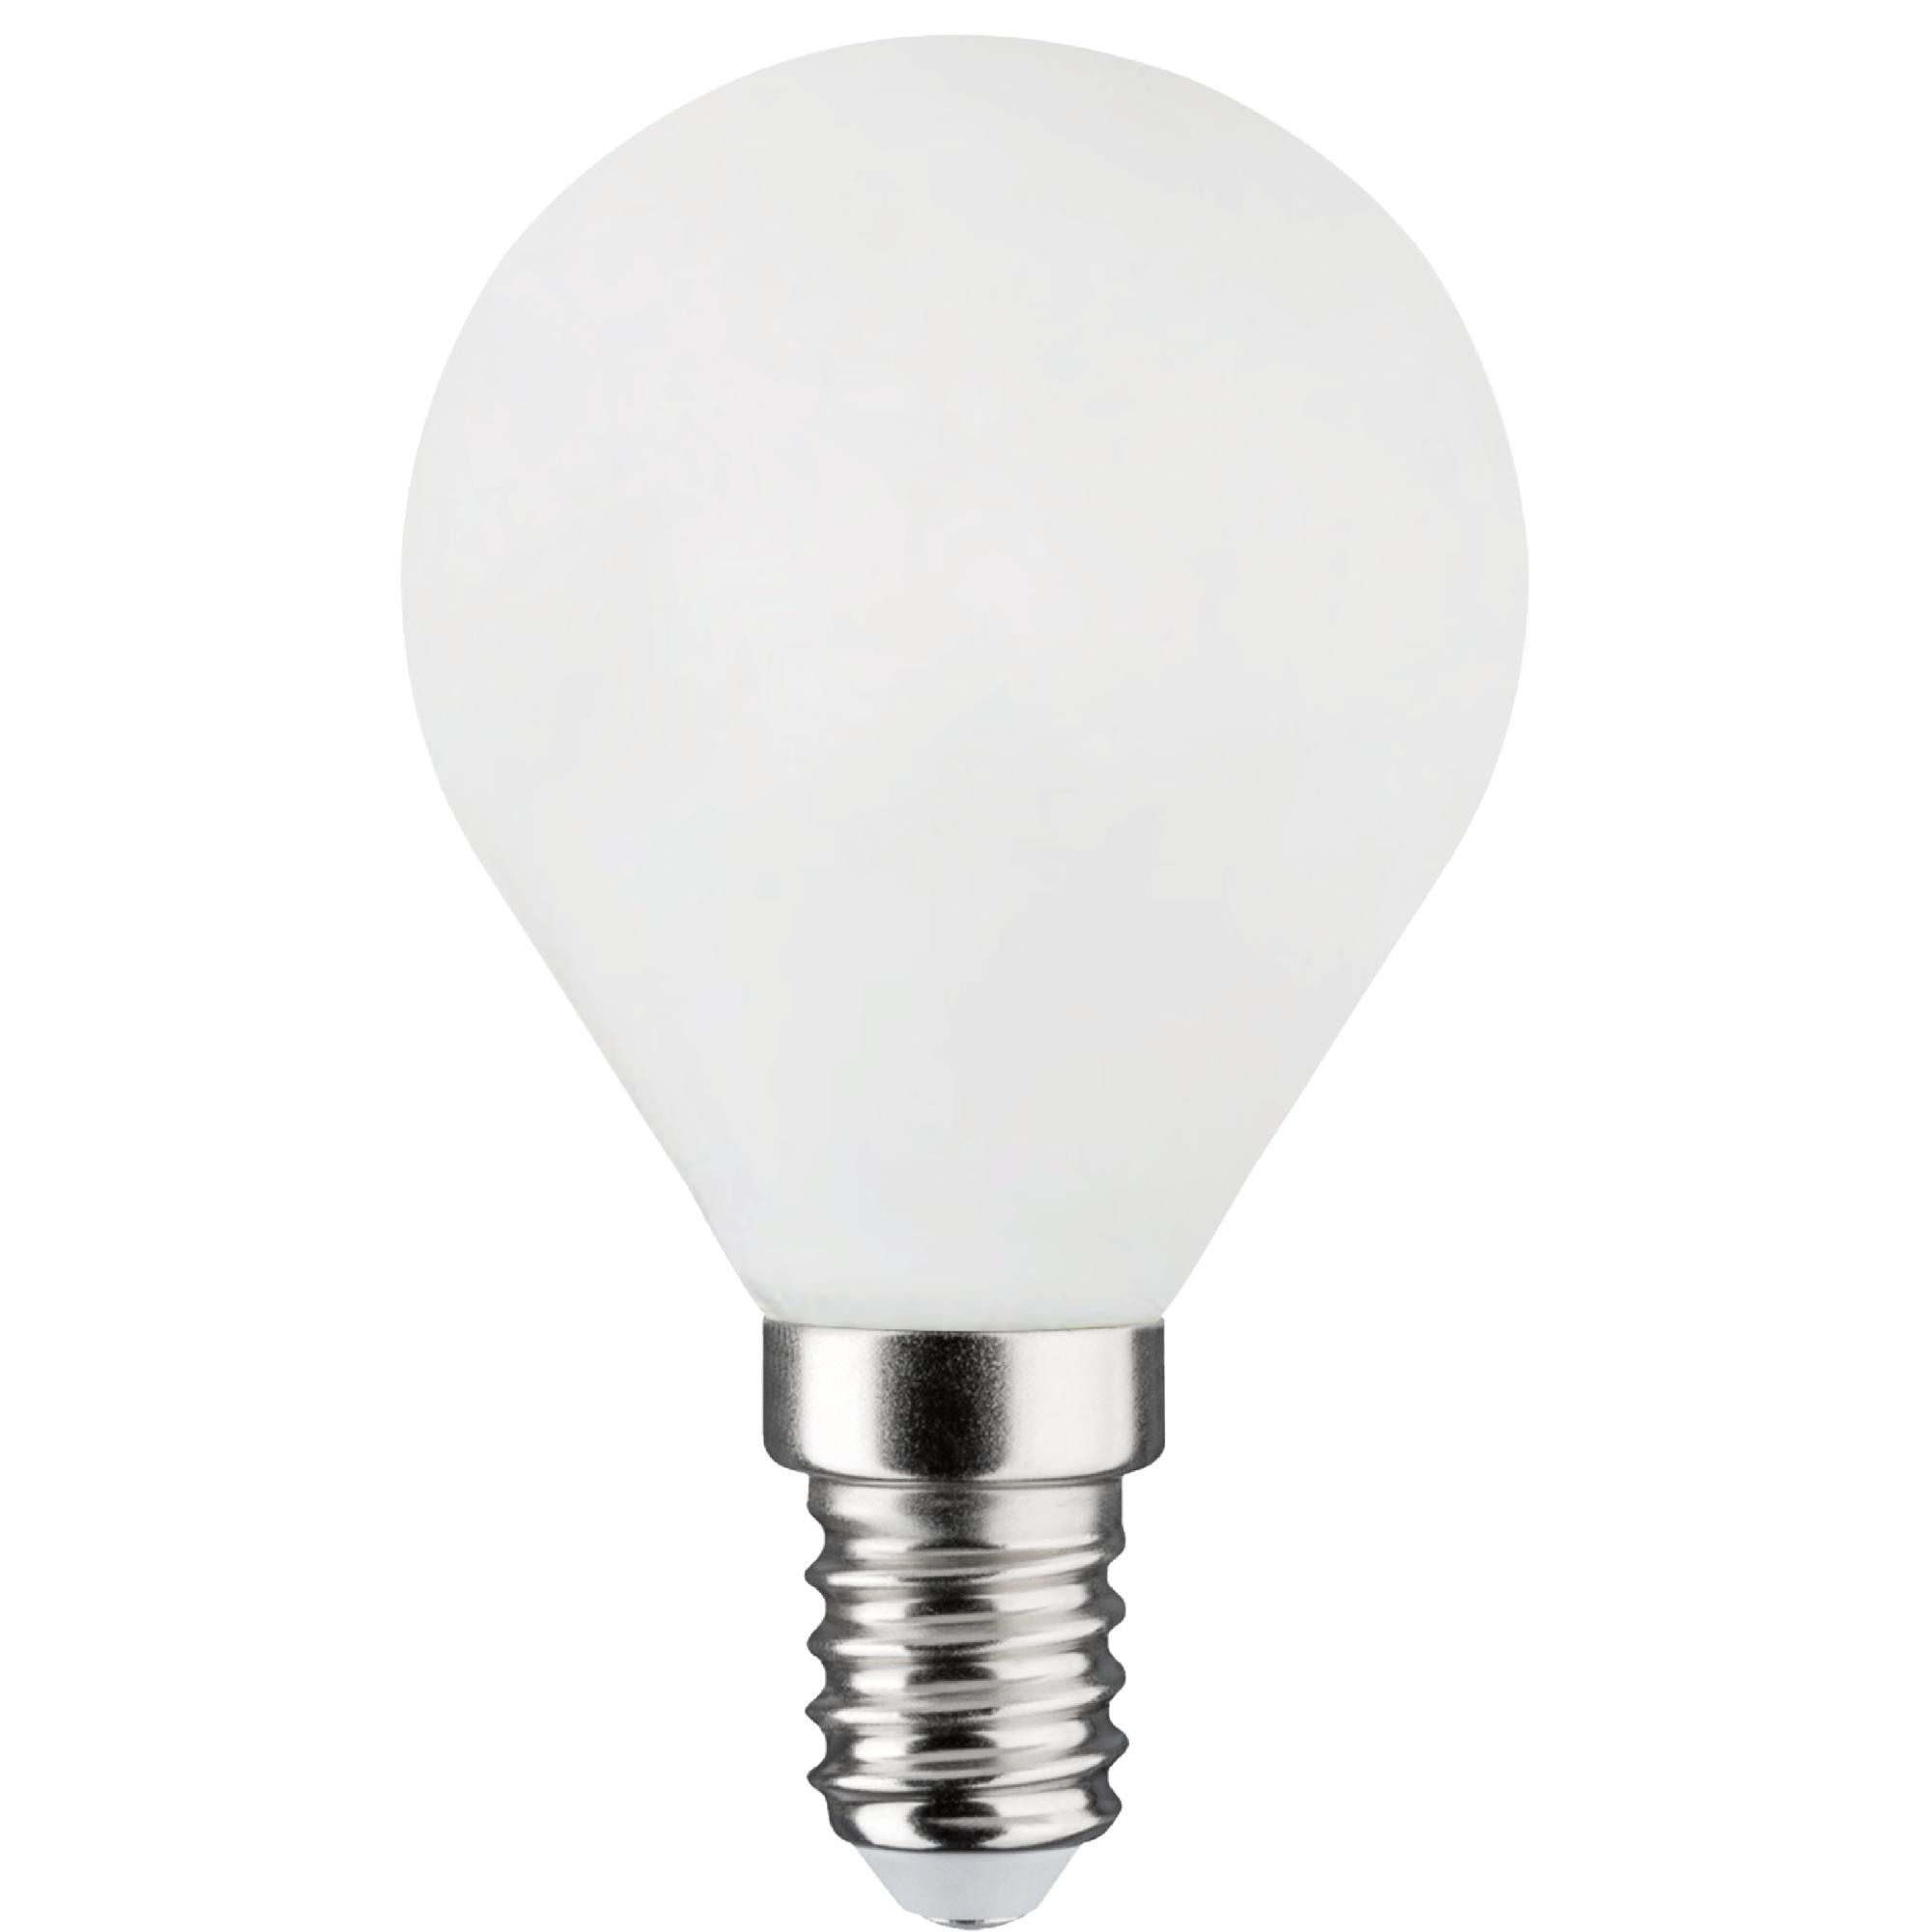 Лампа светодиодная филаментная Lexman E14 220 В 4.5 Вт сфера матовая 470 лм белый свет